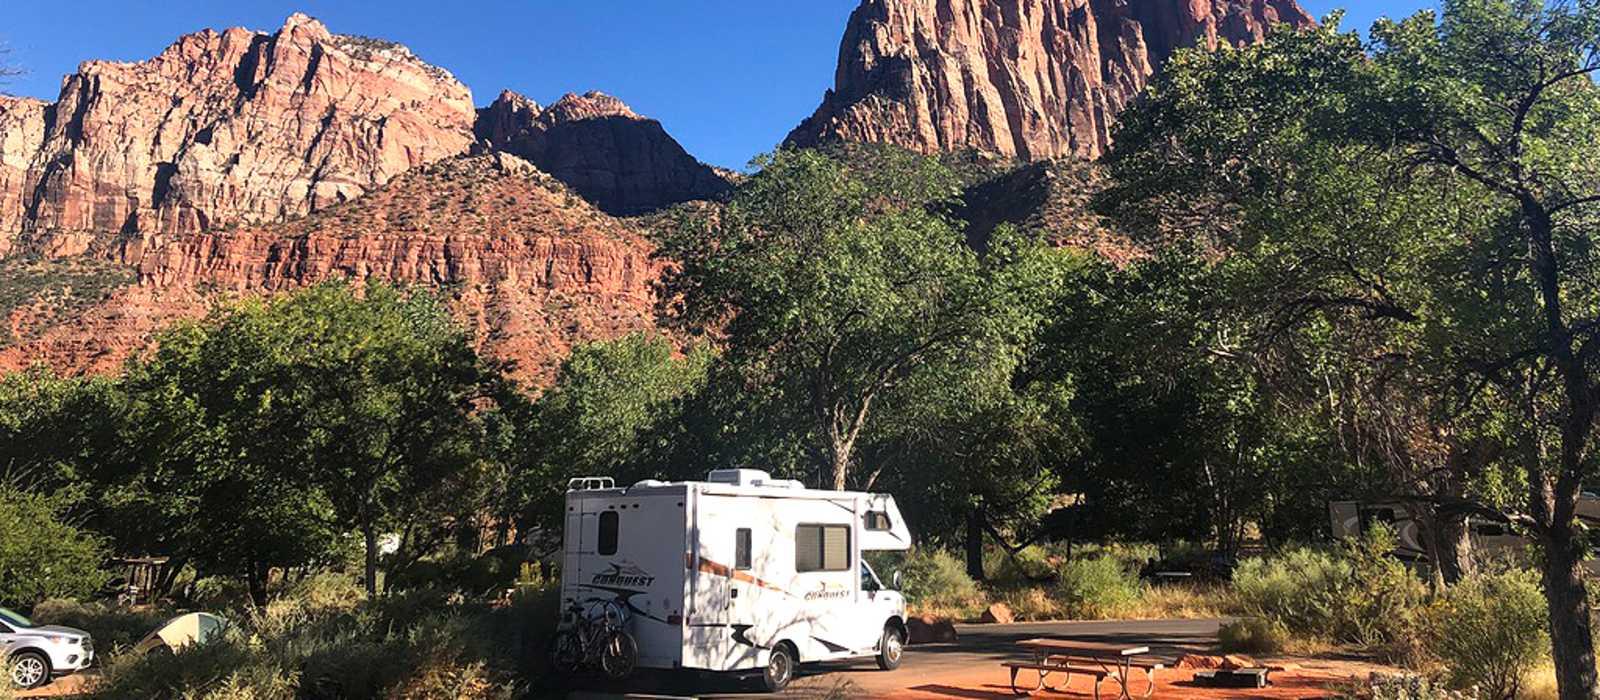 Watchman Campground im Zion National Park